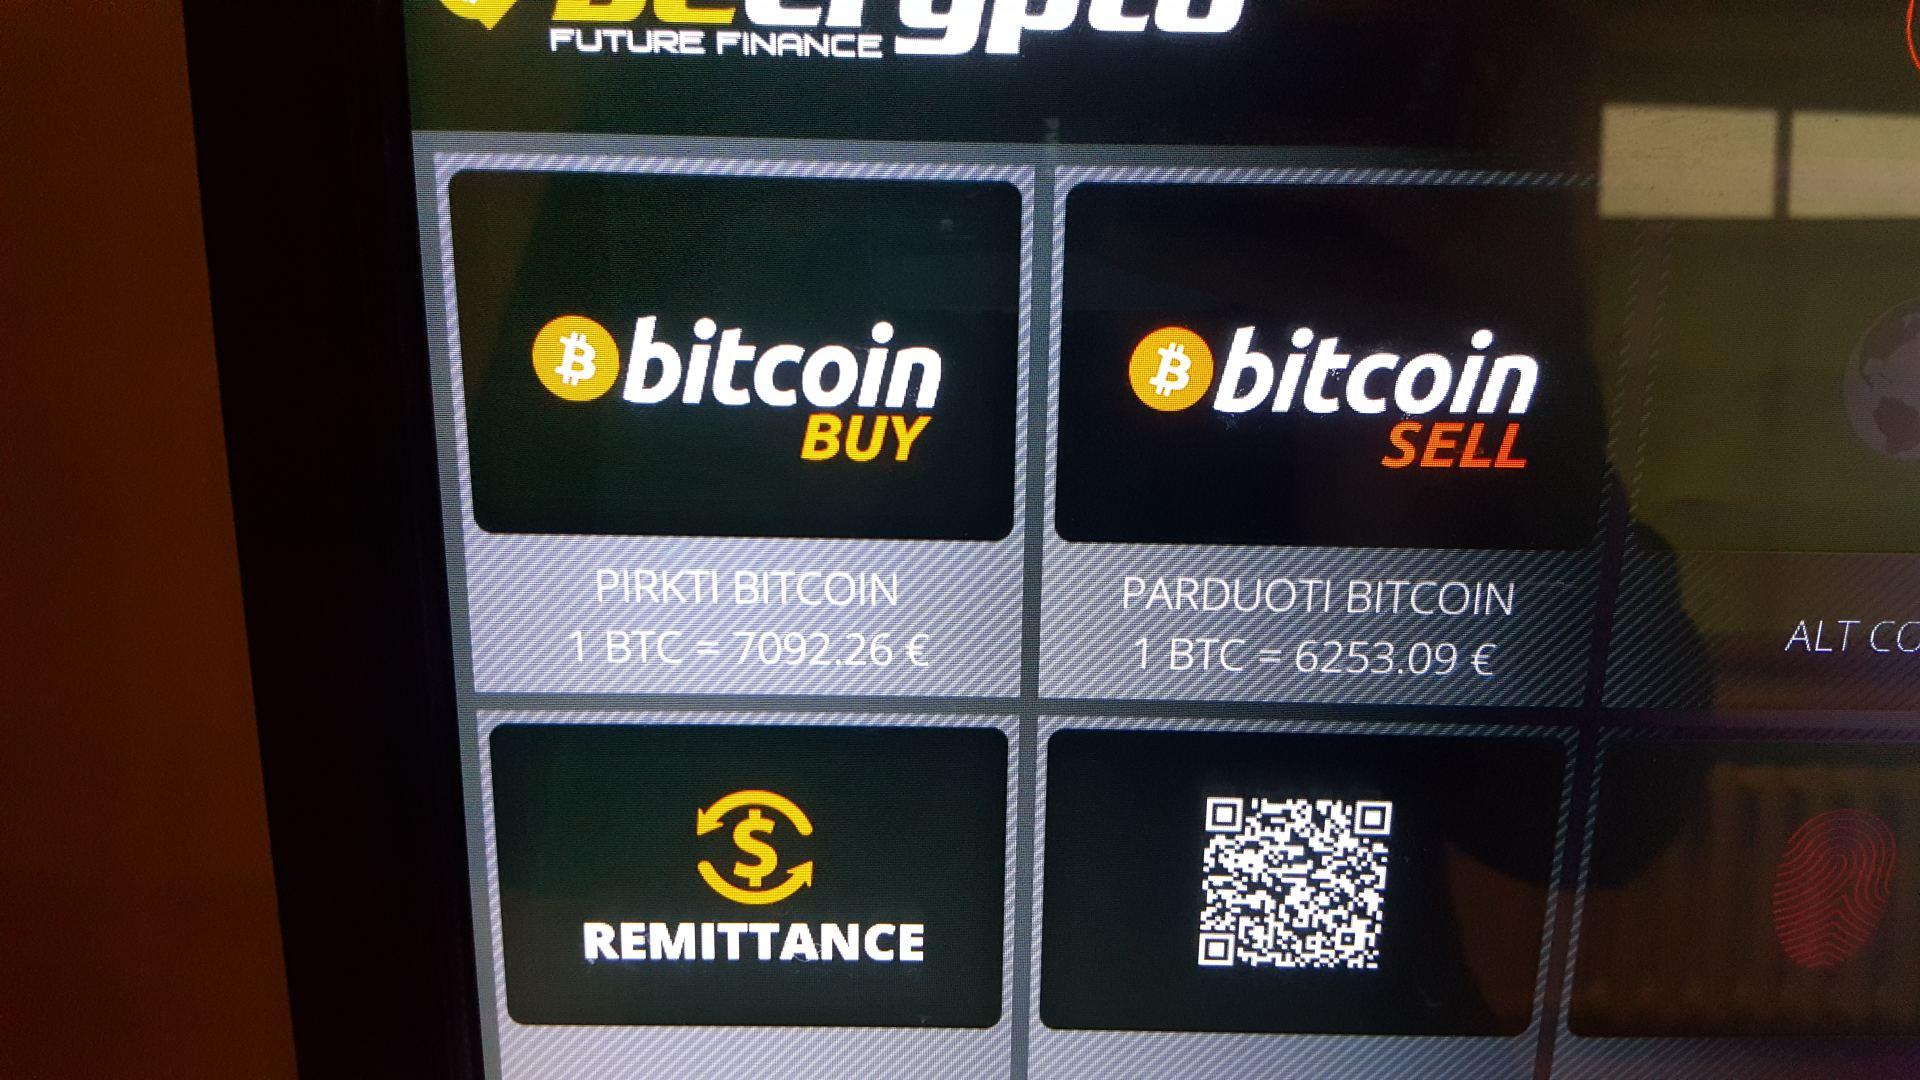 esu bitkoinų milijonierius kaip greitai gauti 5 dolerius